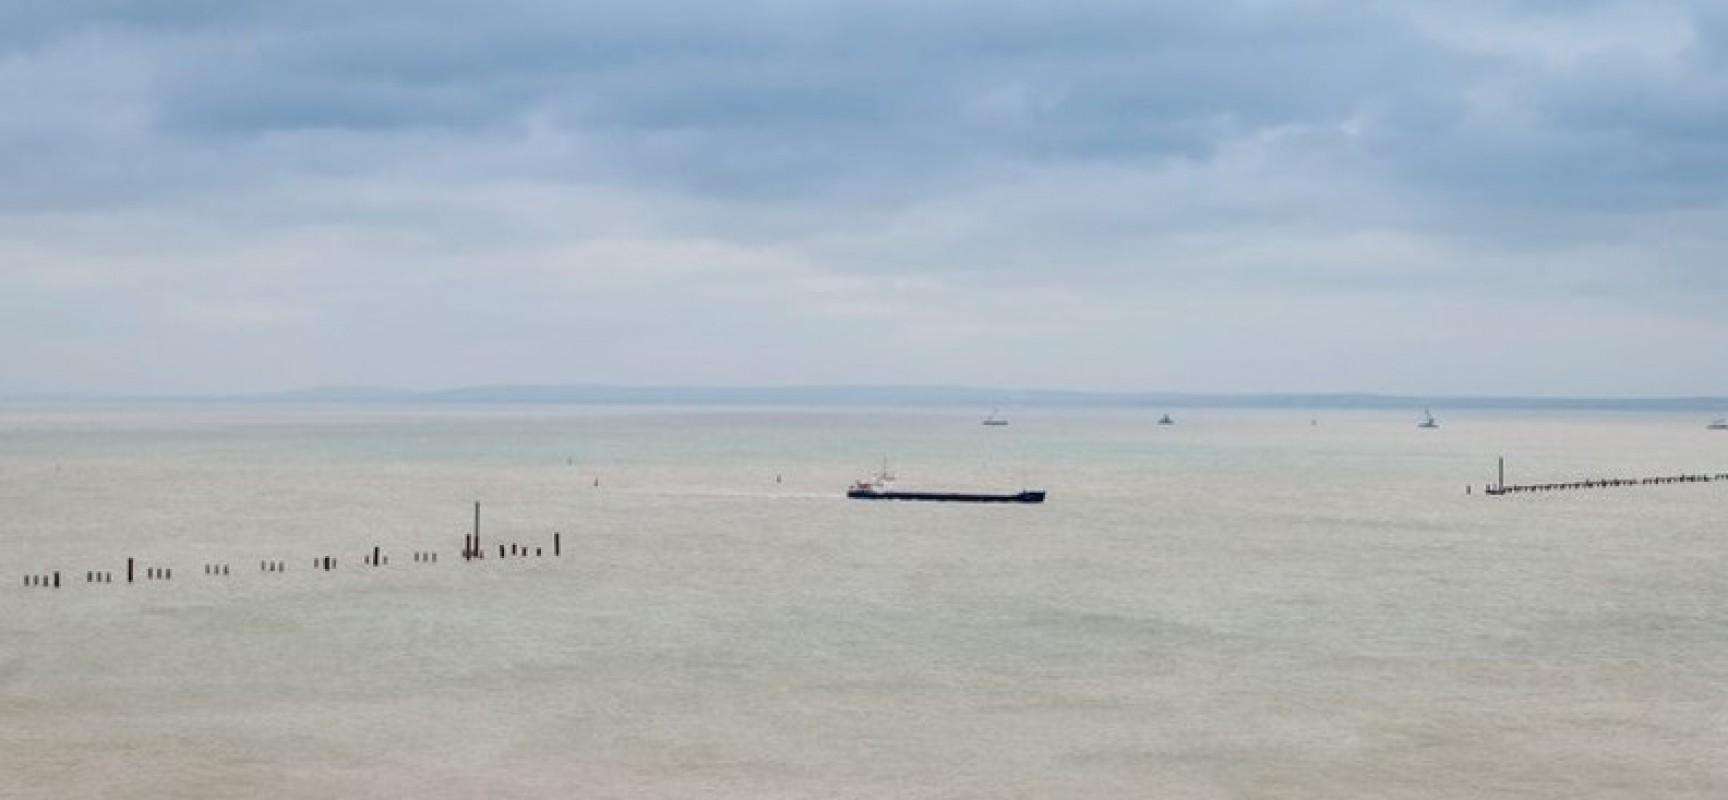 Будут утверждены запретные для плавания участки в районе строительства моста через Керченский пролив